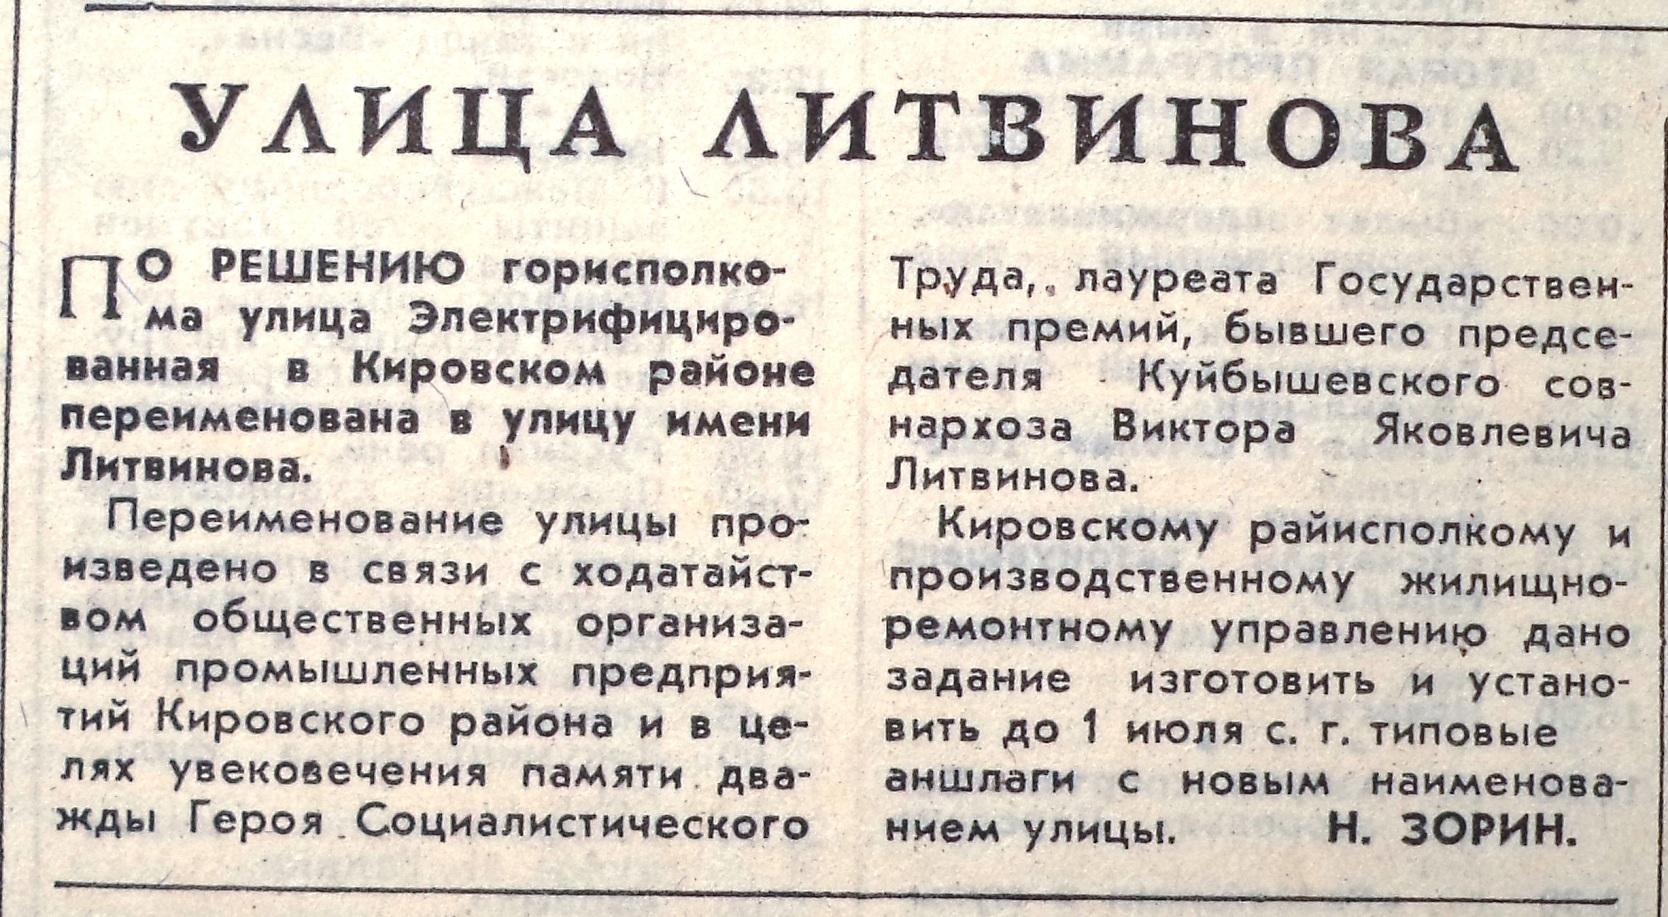 ФОТО-Литвинова-52-ВЗя-1984-05-28-переименование Электриф. в Литвин